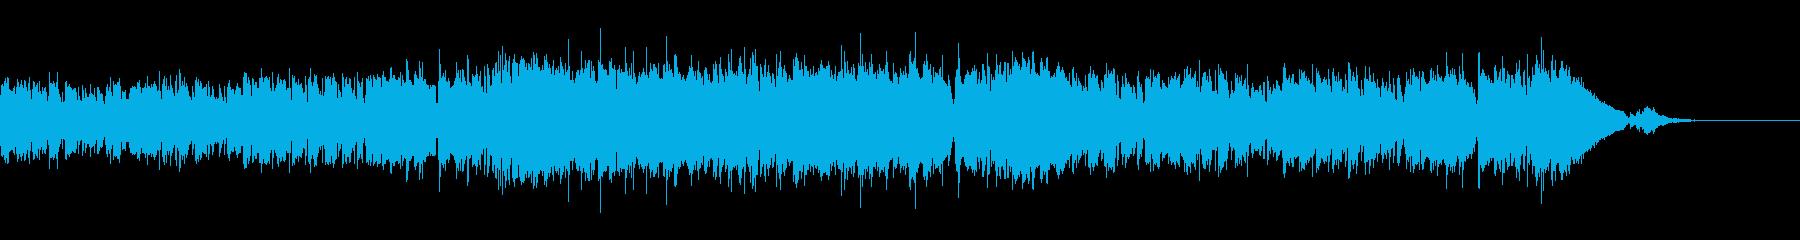 CM・ラジオ・わくわく・ファンクの再生済みの波形